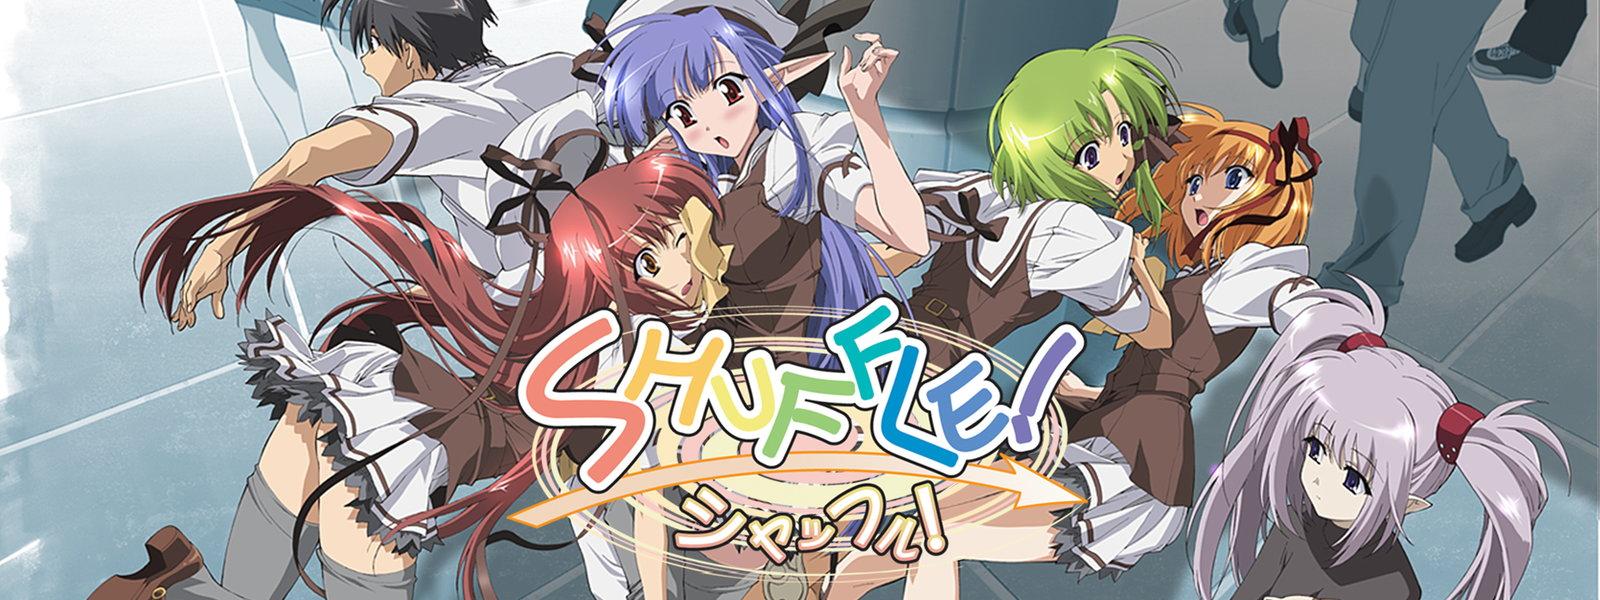 Kết quả hình ảnh cho Shuffle! anime